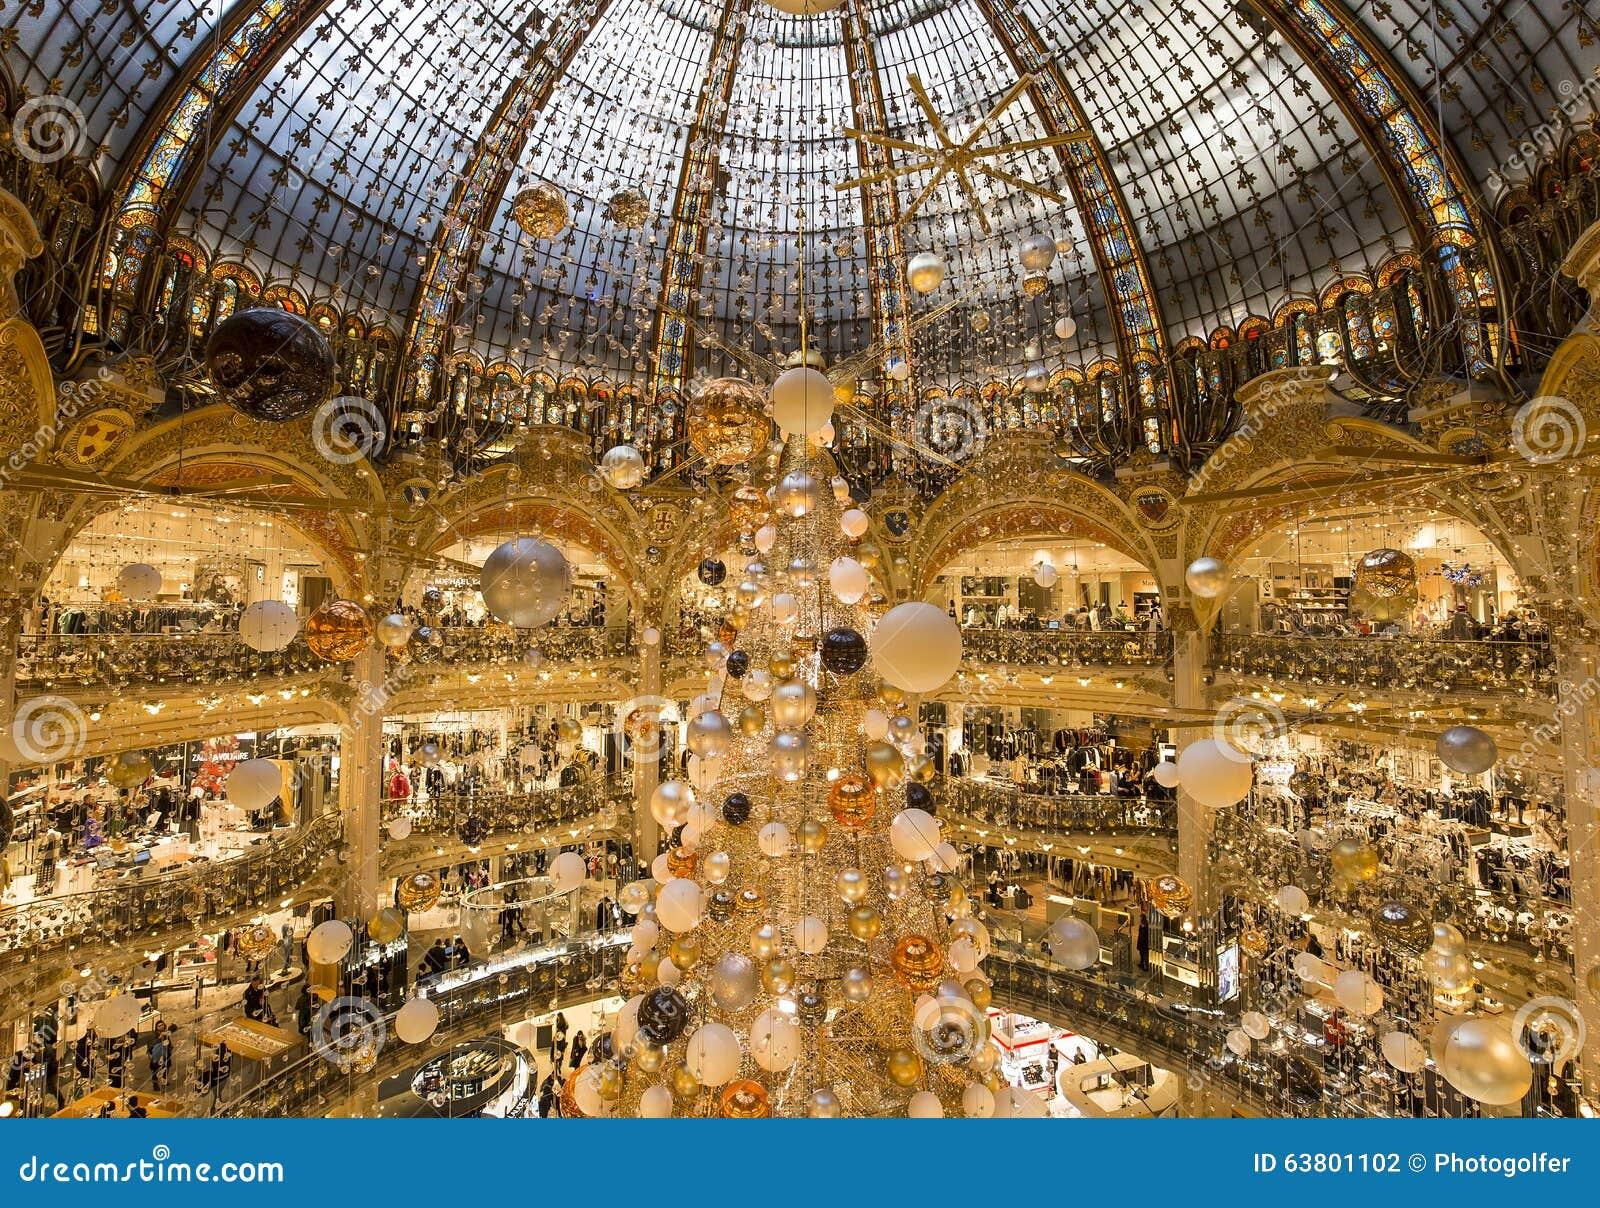 Christmas Decorations At Le Printemps Store, Paris, France ...